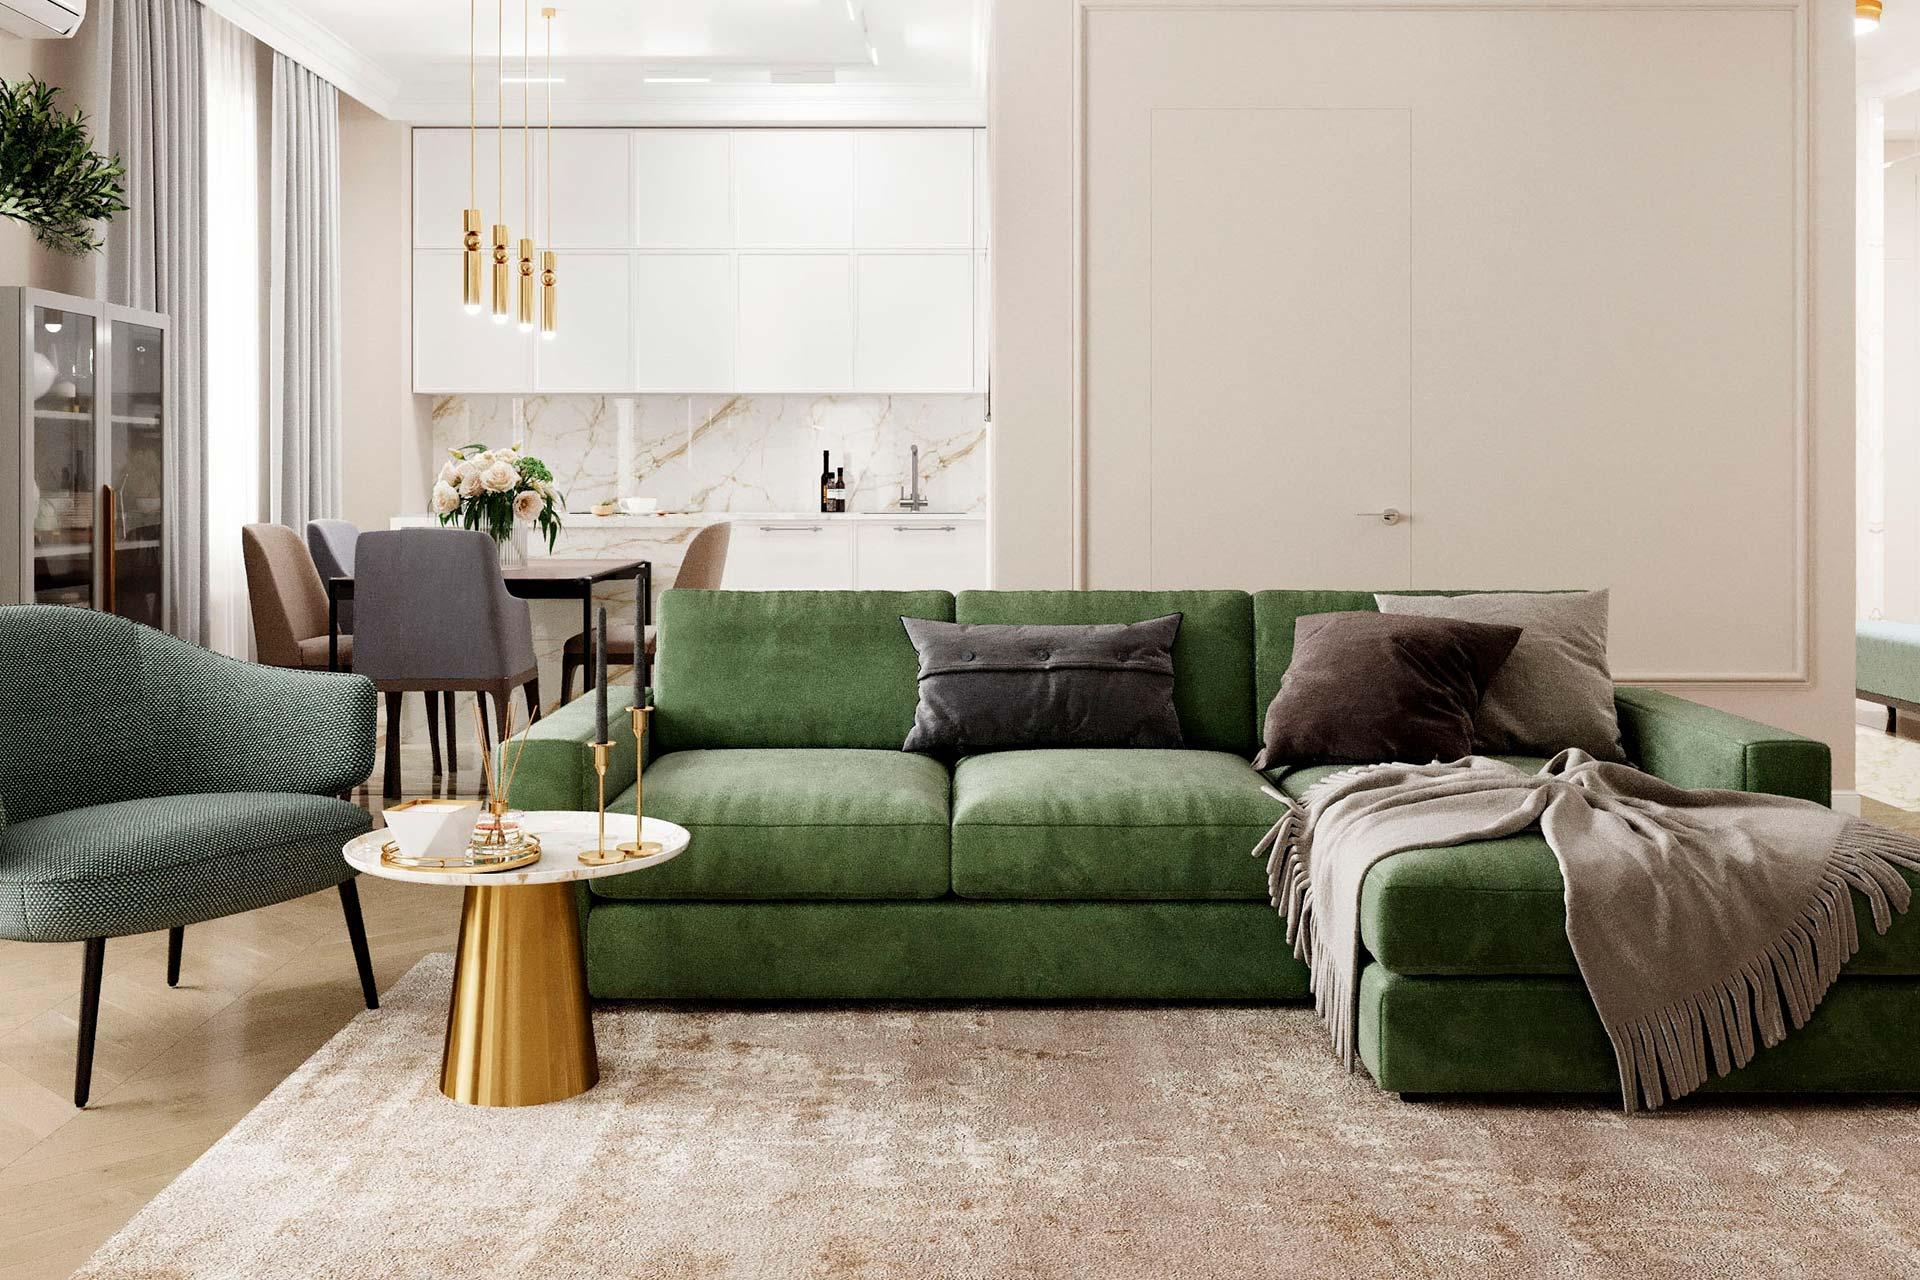 Дизайн интерьера квартиры в ЖК Мичуринский